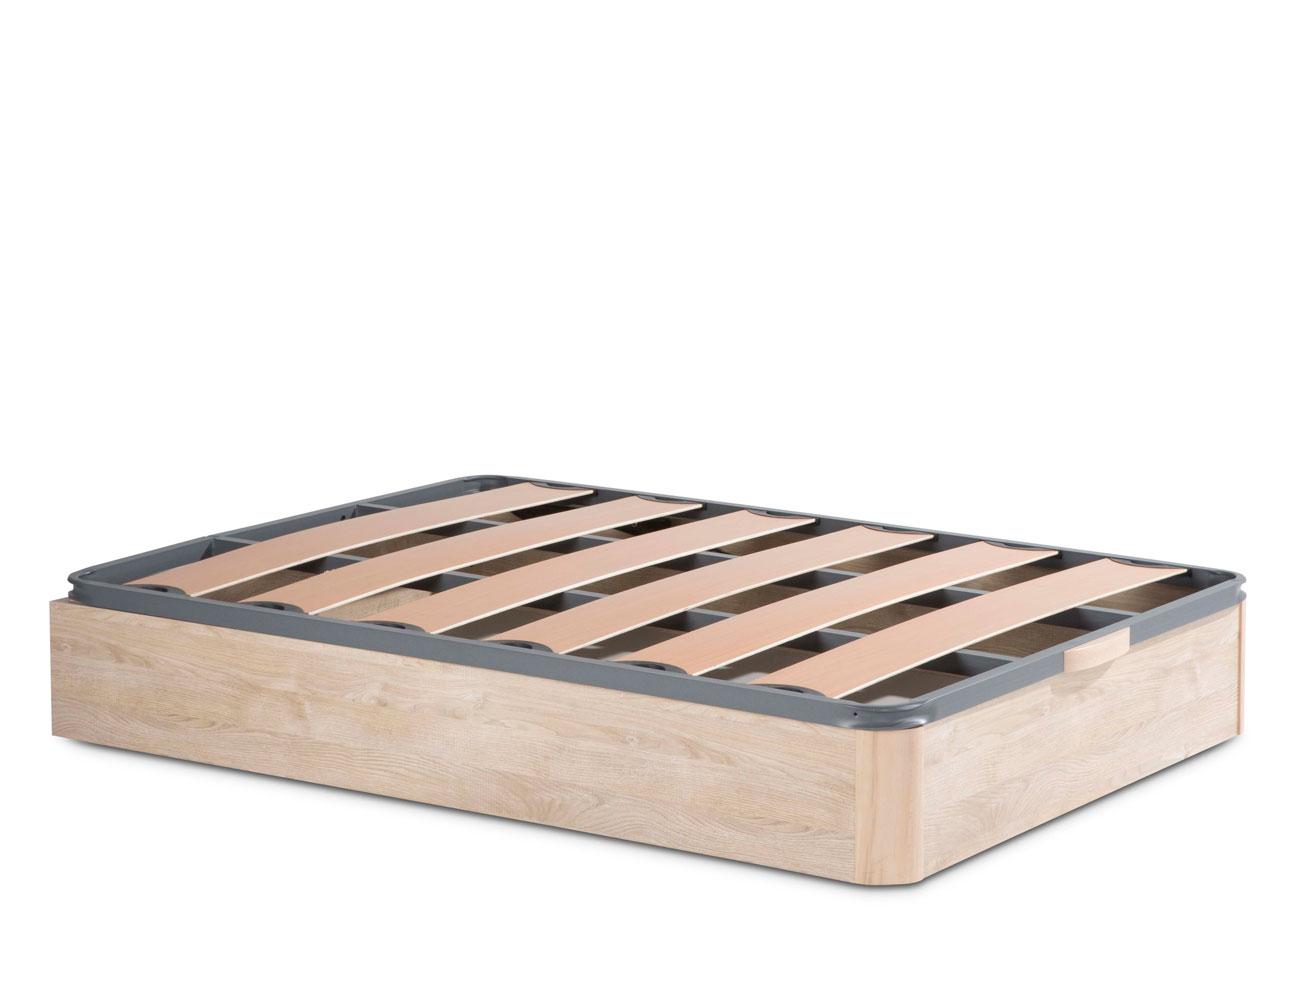 Canape madera somier laminas pvc 7811